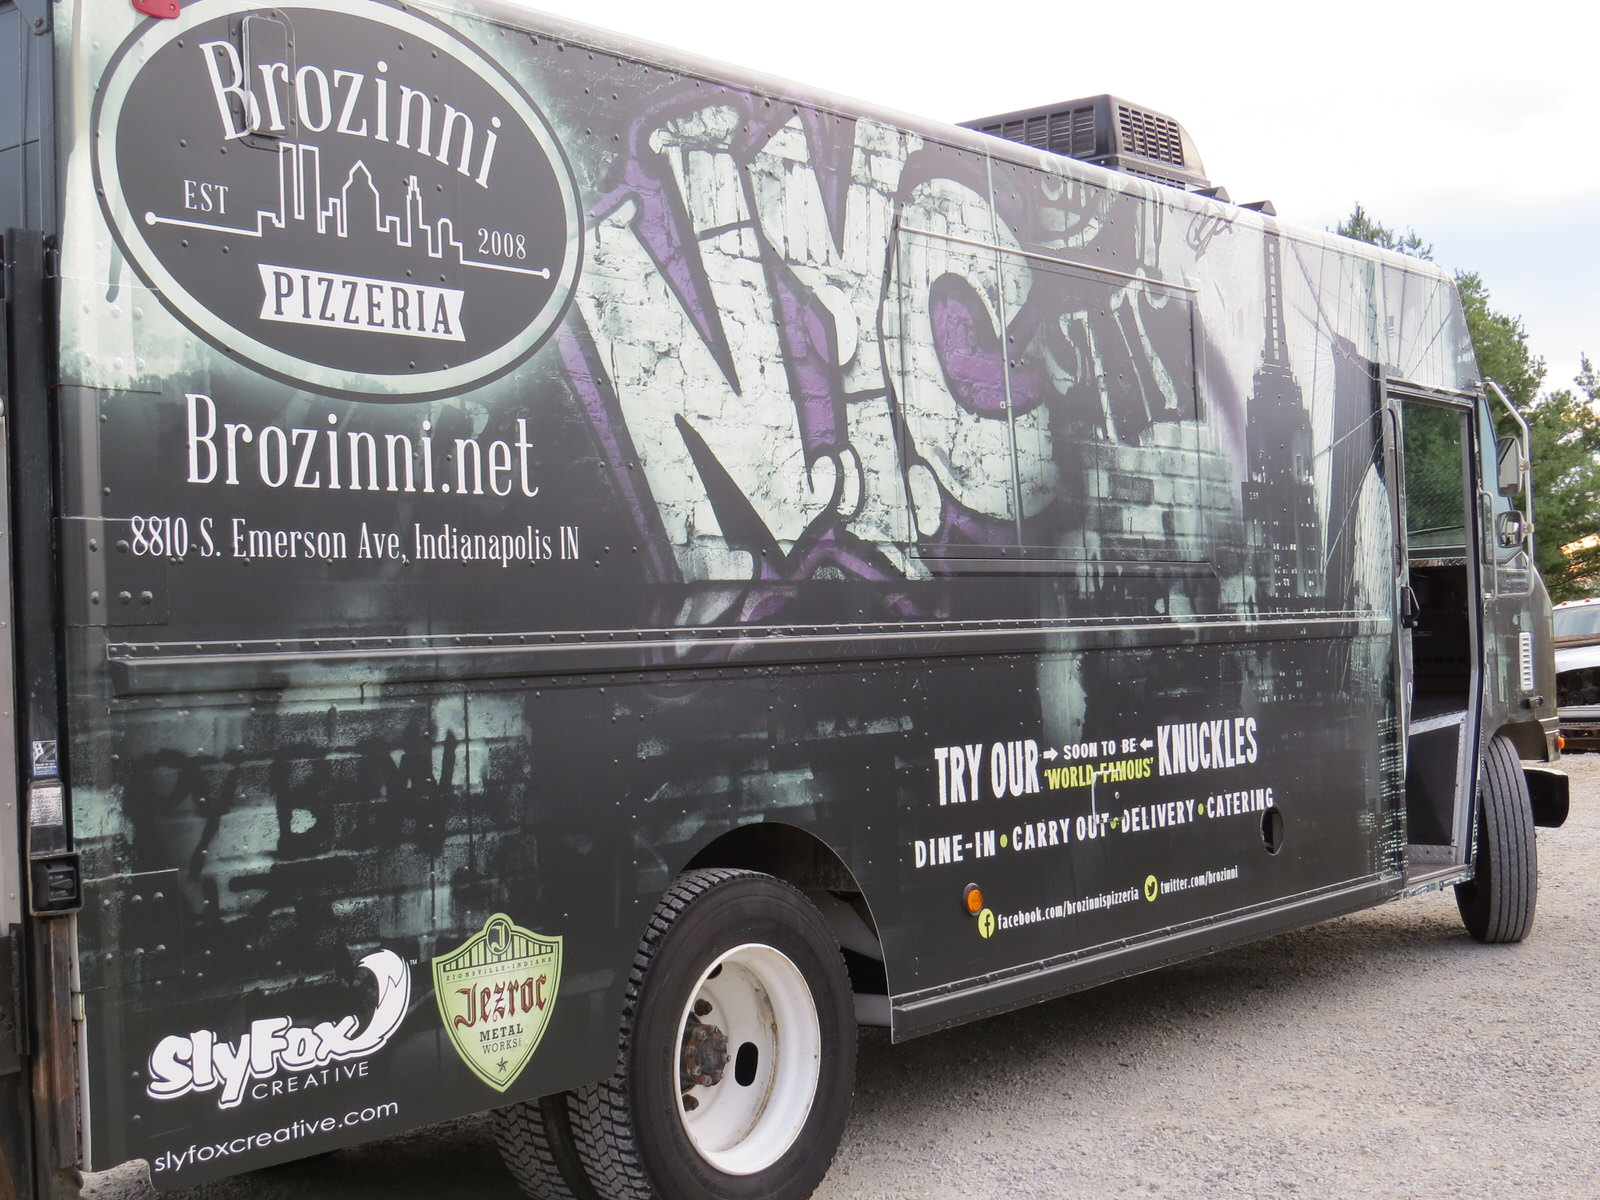 Brozinni_Pizzeria_truck-0135.JPG